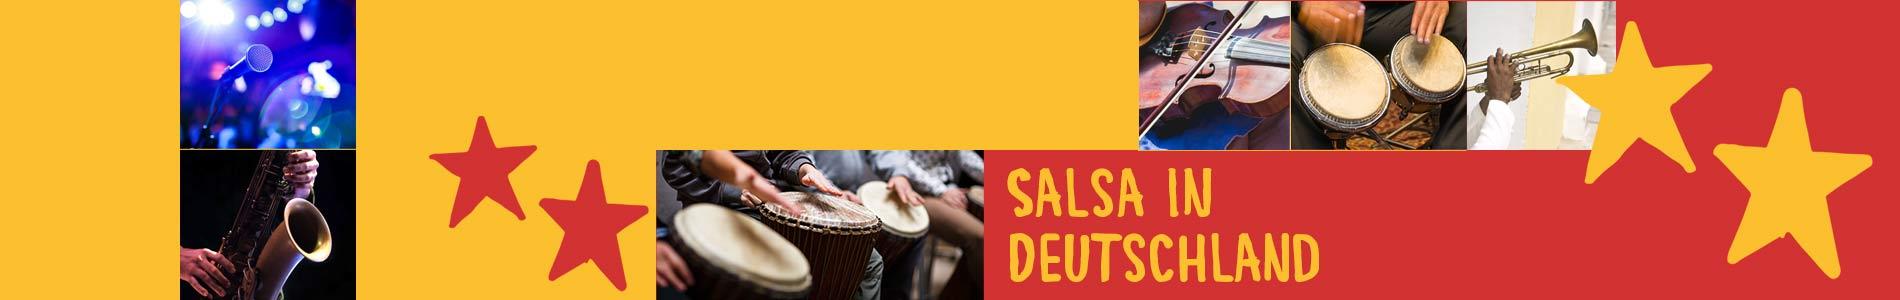 Salsa in Burgberg – Salsa lernen und tanzen, Tanzkurse, Partys, Veranstaltungen